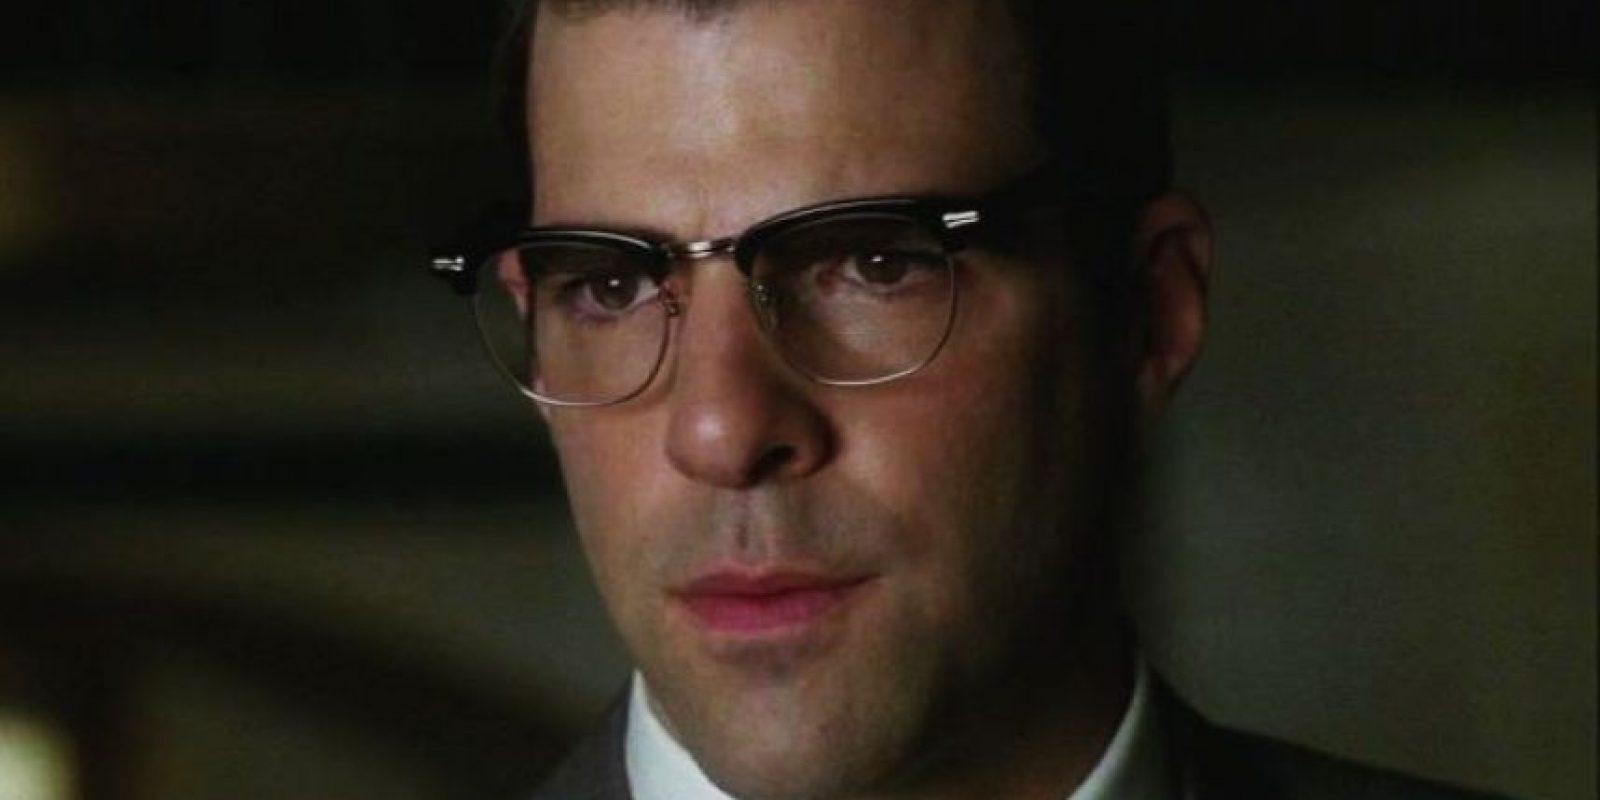 Dr. Oliver Thredson. Detrás de la amabilidad de este personaje se escondía un espeluznante secreto Foto:FX vía Wikipedia